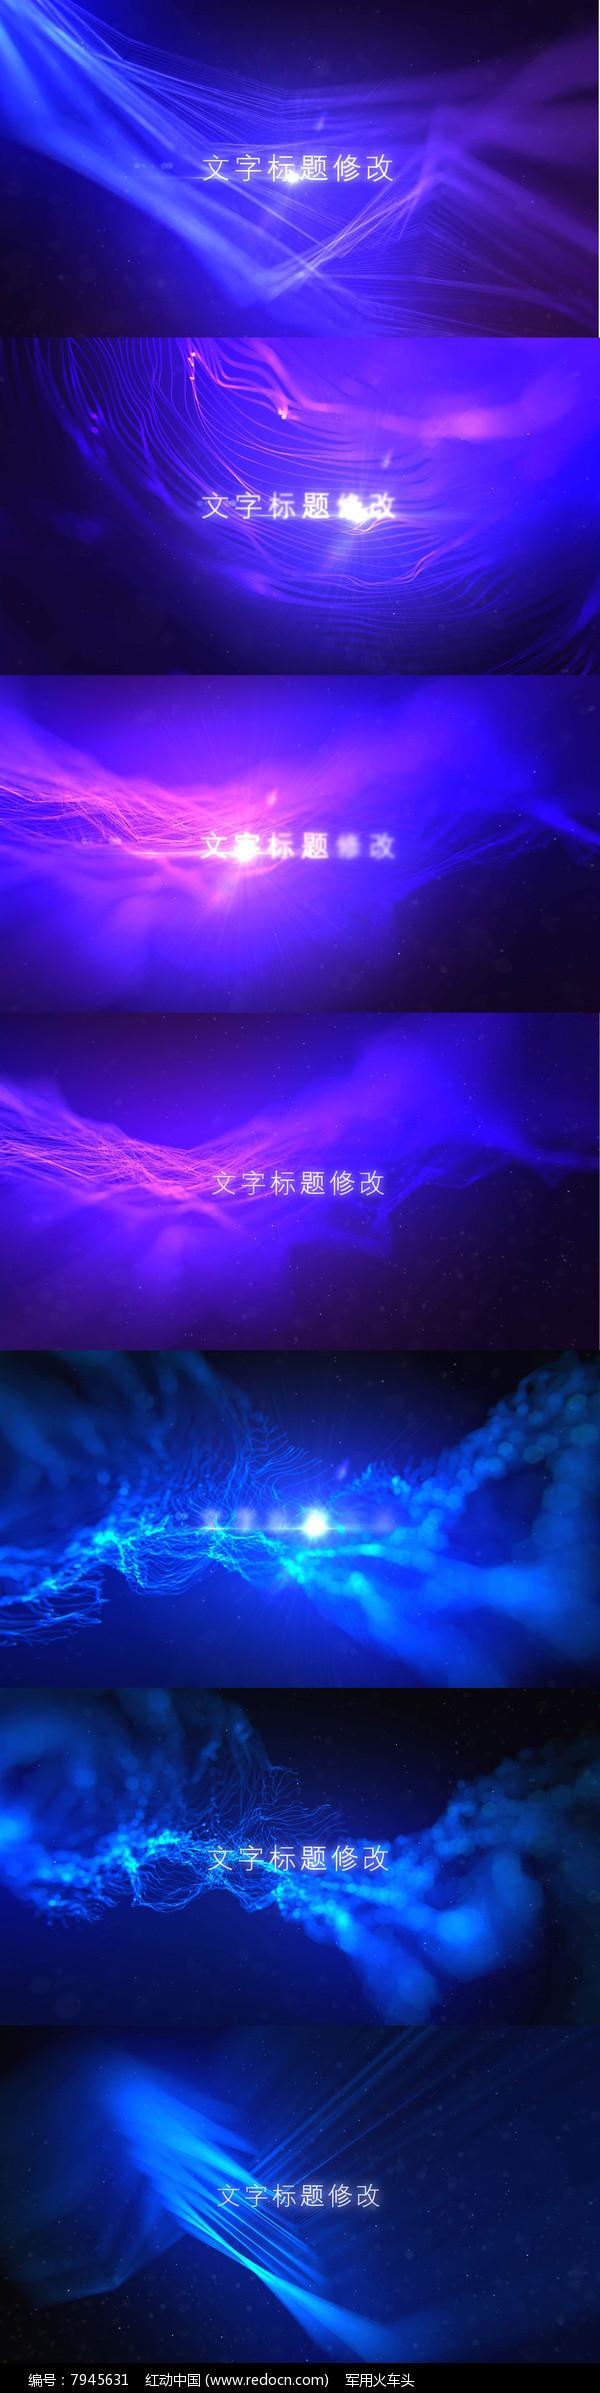 抽象粒子线条背景文字动画视频图片